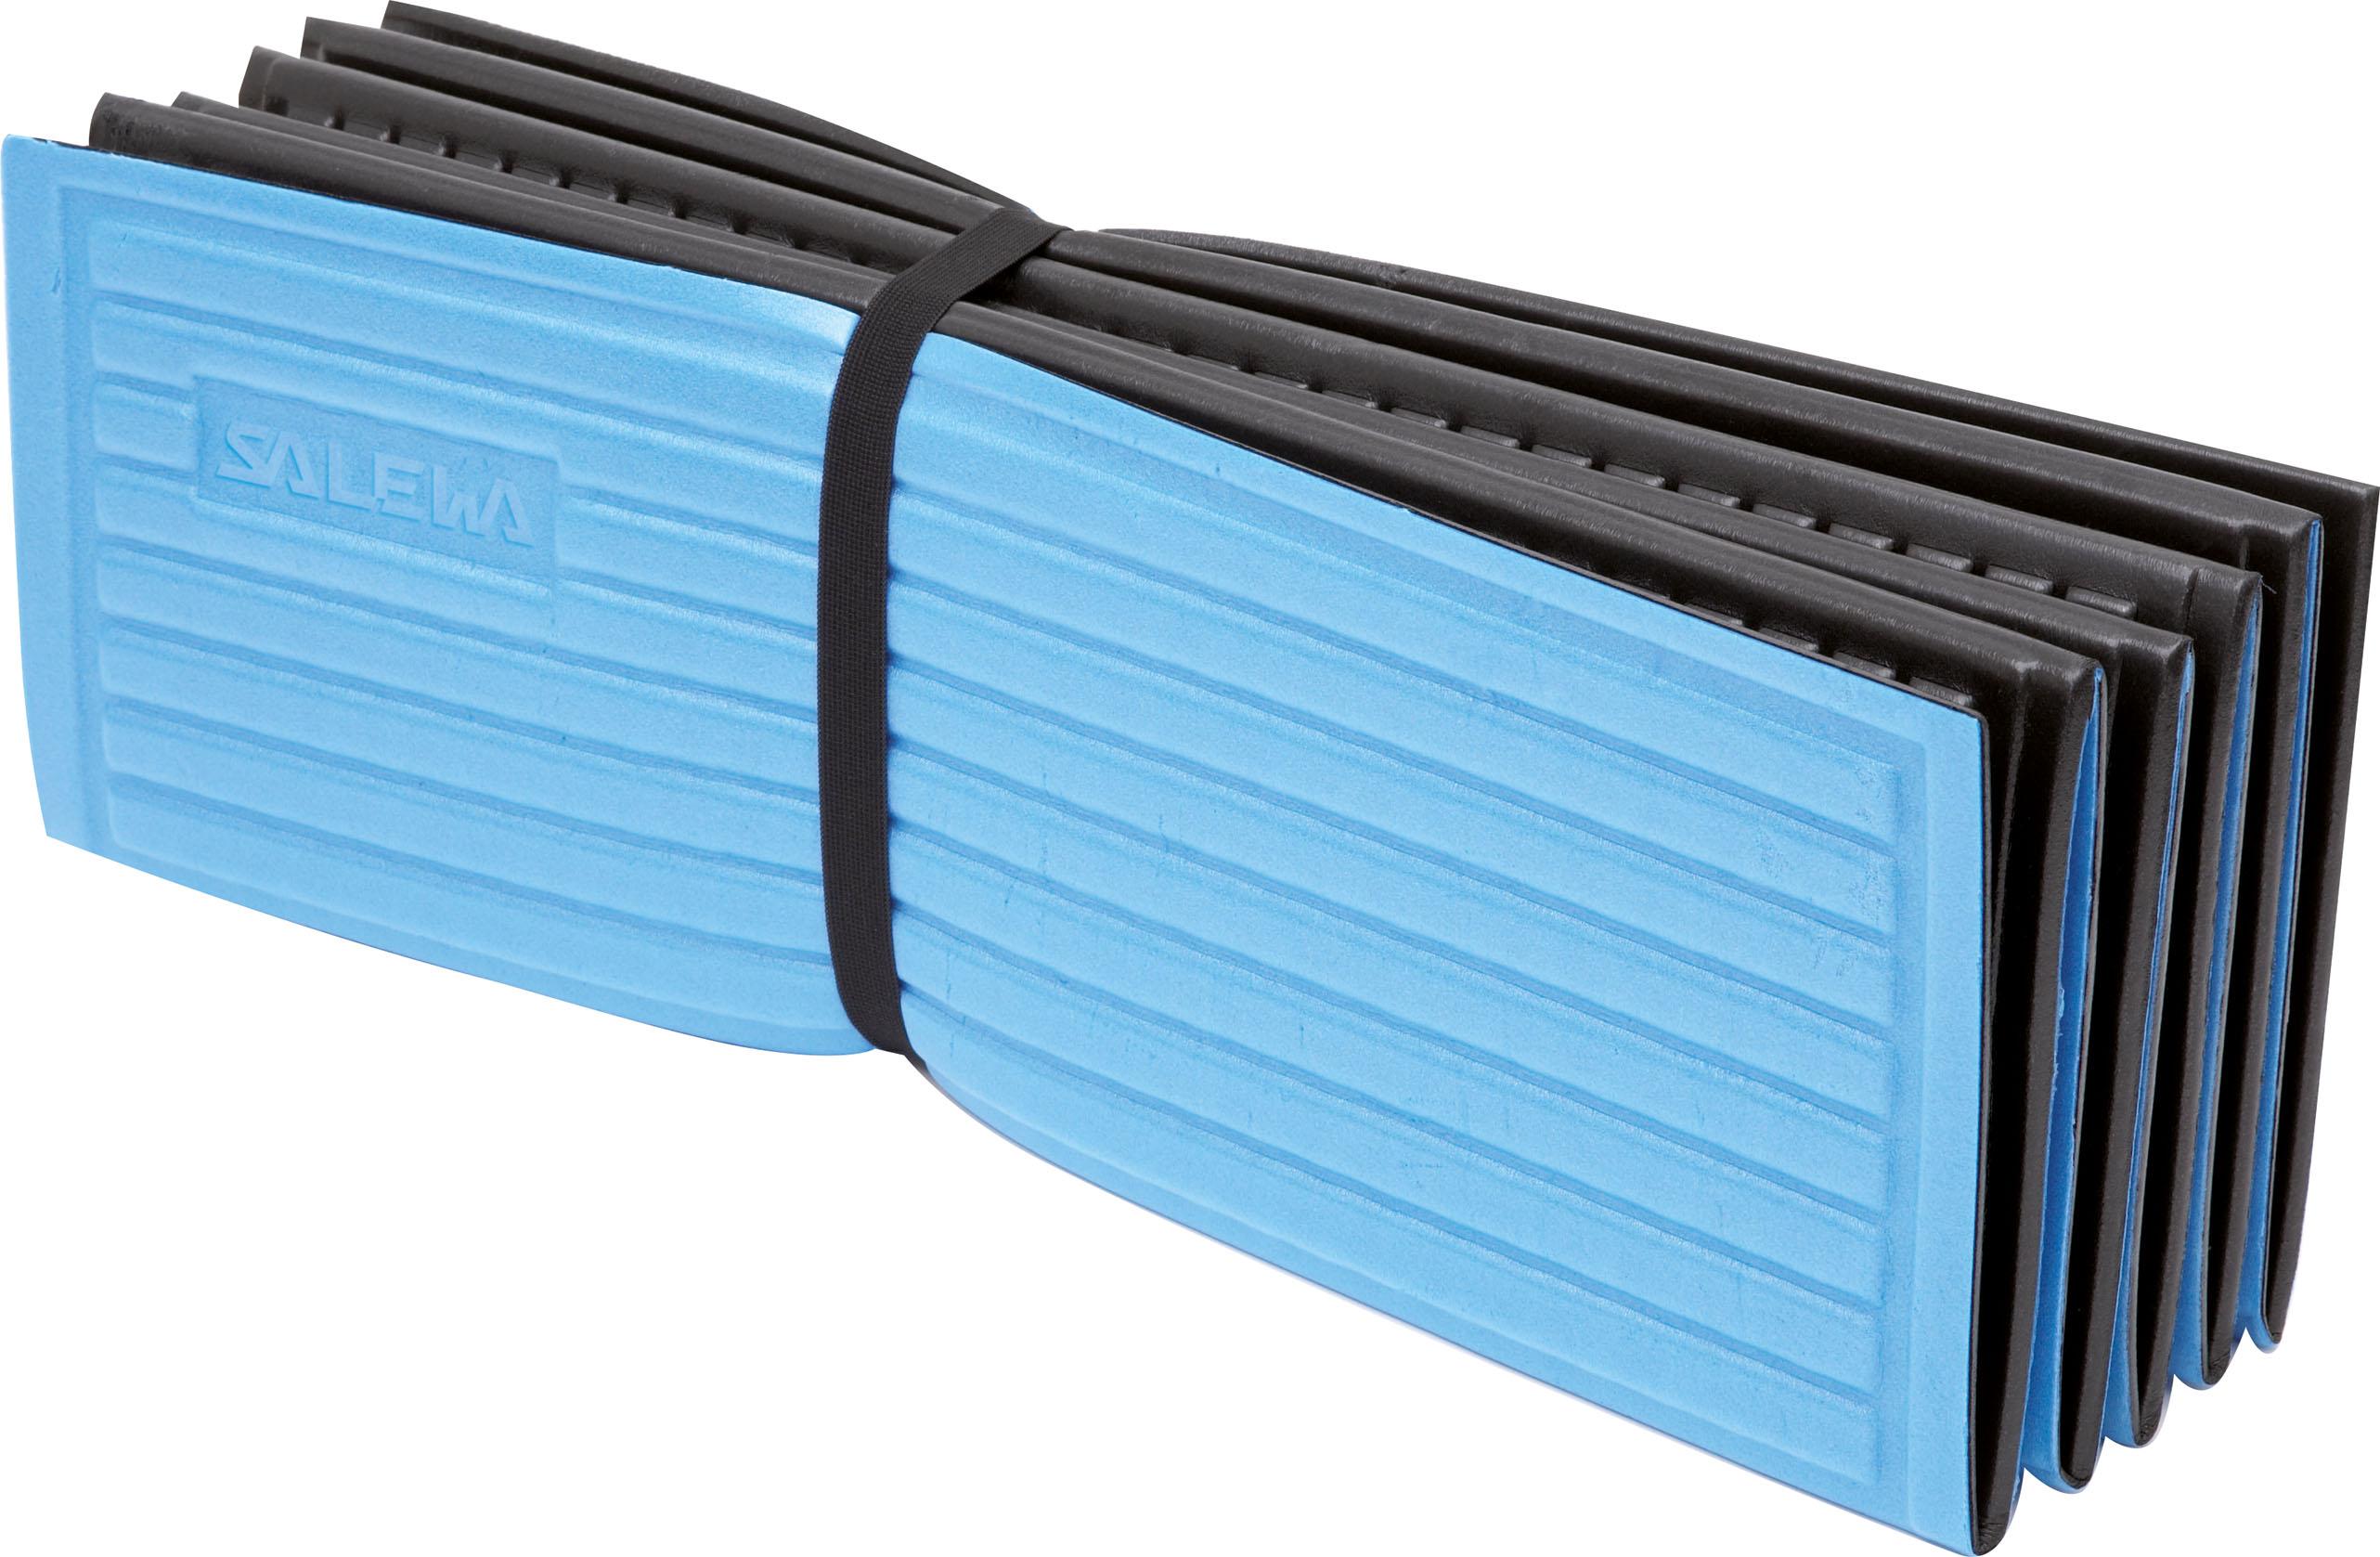 Коврик туристический Salewa Accessories EASY-MAT FOLDABLE BLUE/BLACK /, Коврики и сидушки - арт. 715990197